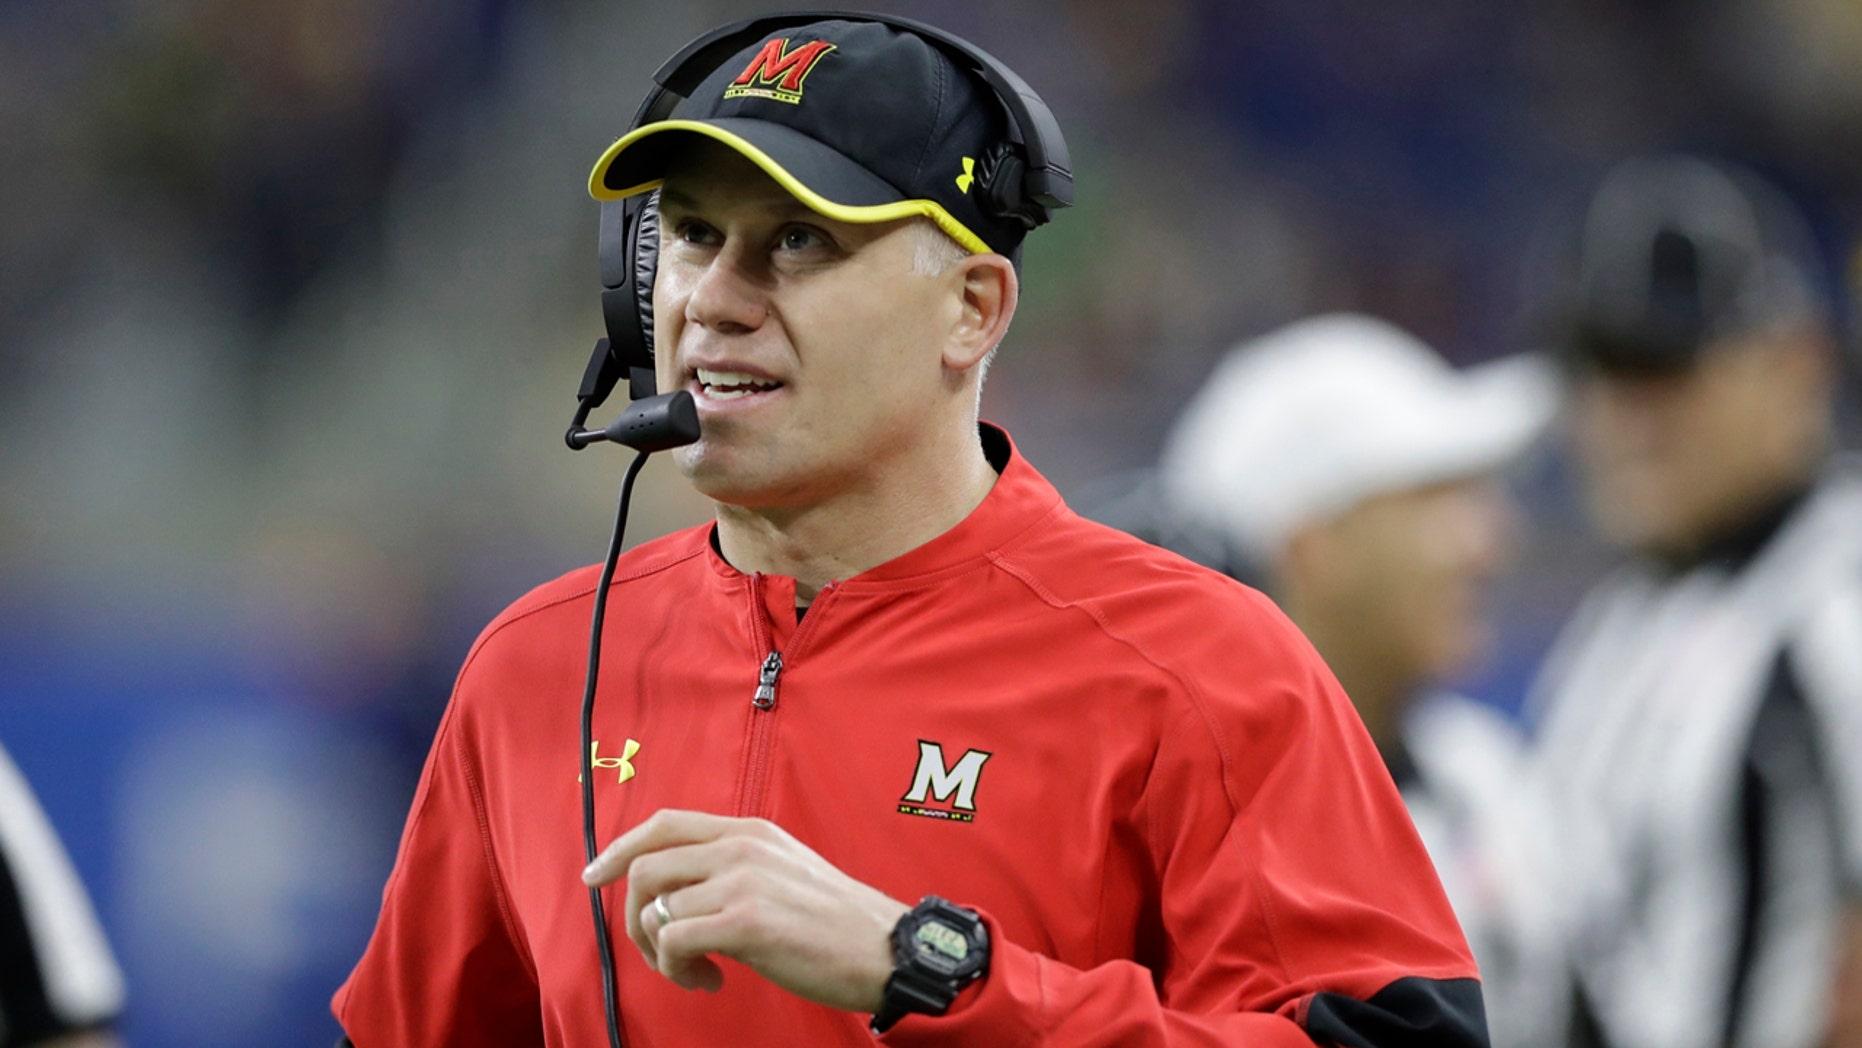 Maryland head coach DJ Durkin.